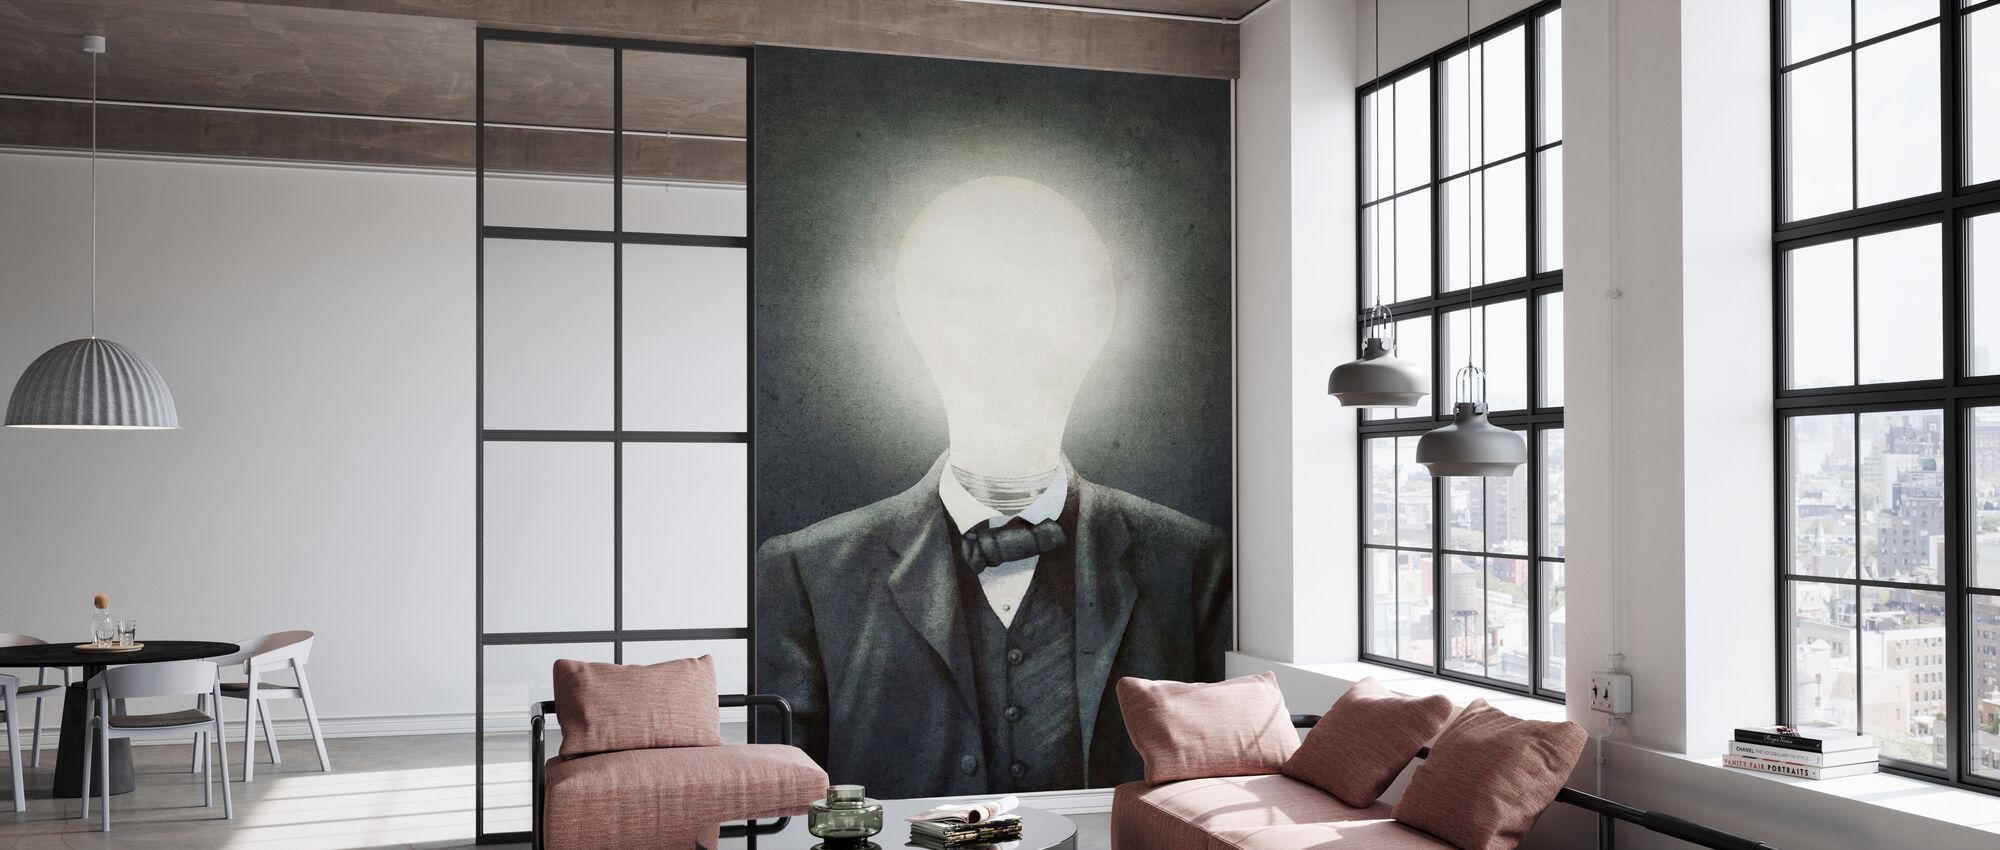 Idea Man - Wallpaper - Office